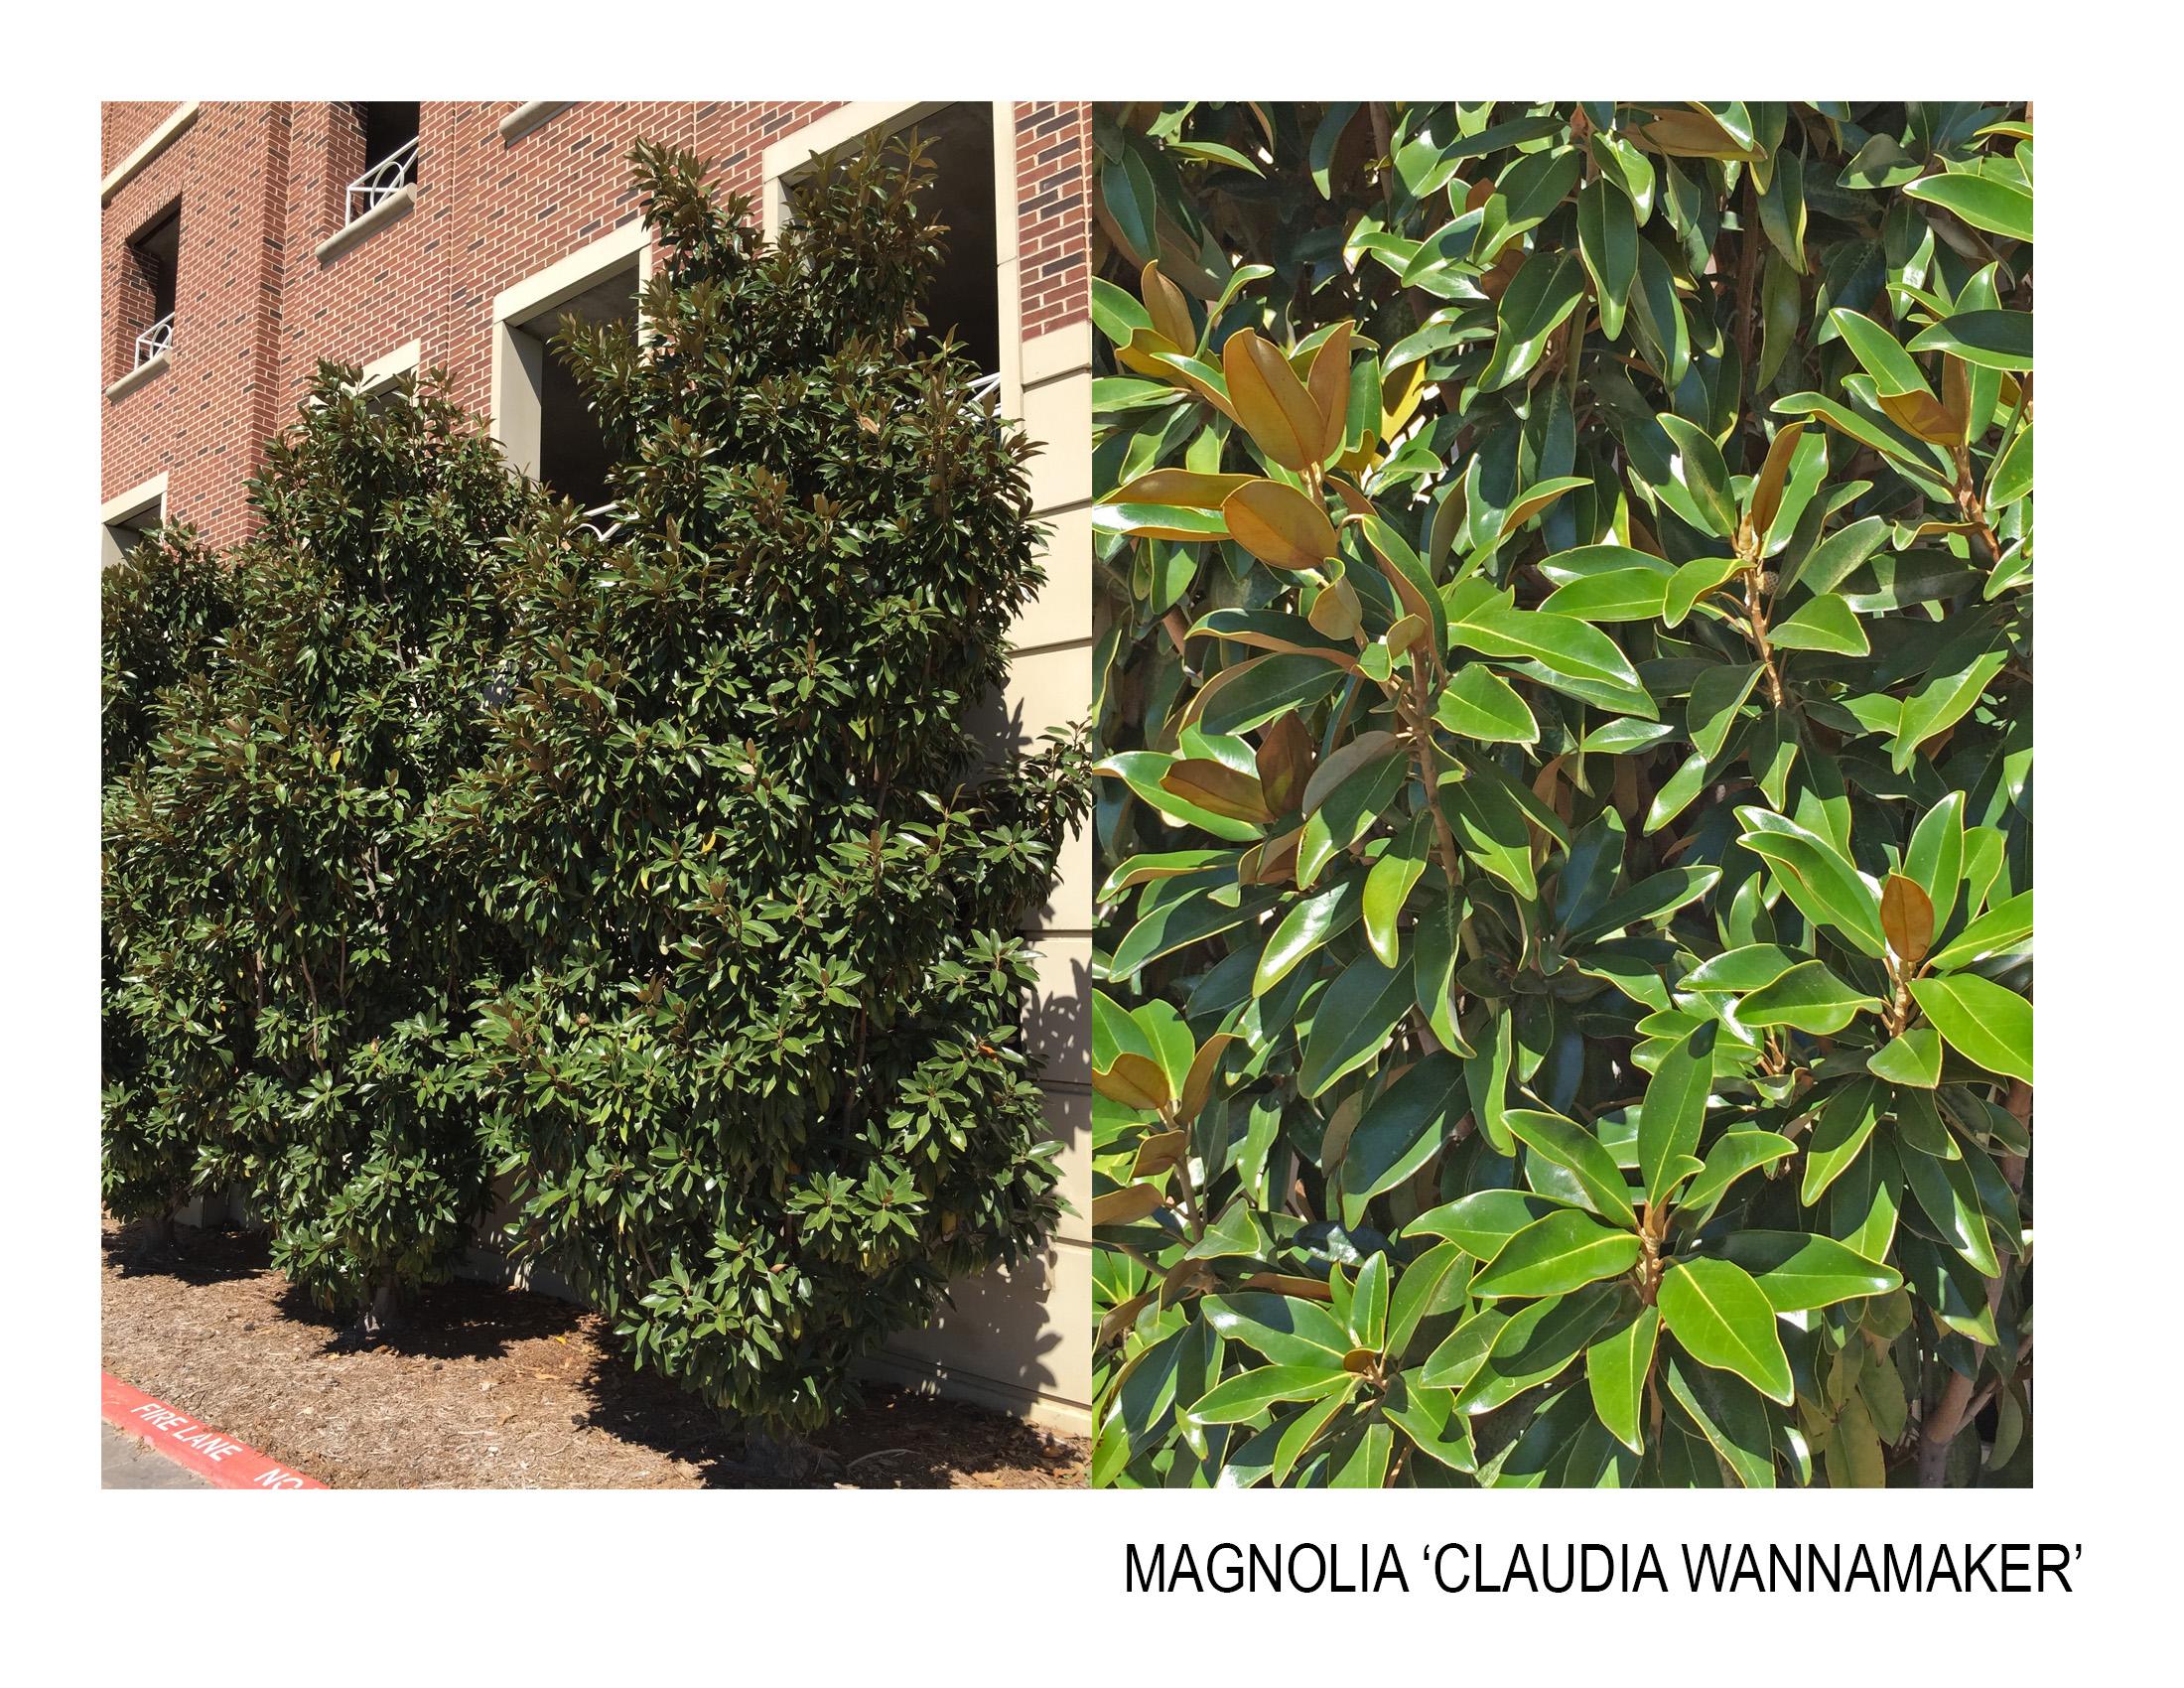 magnolia 'claudia wannamker'.jpg